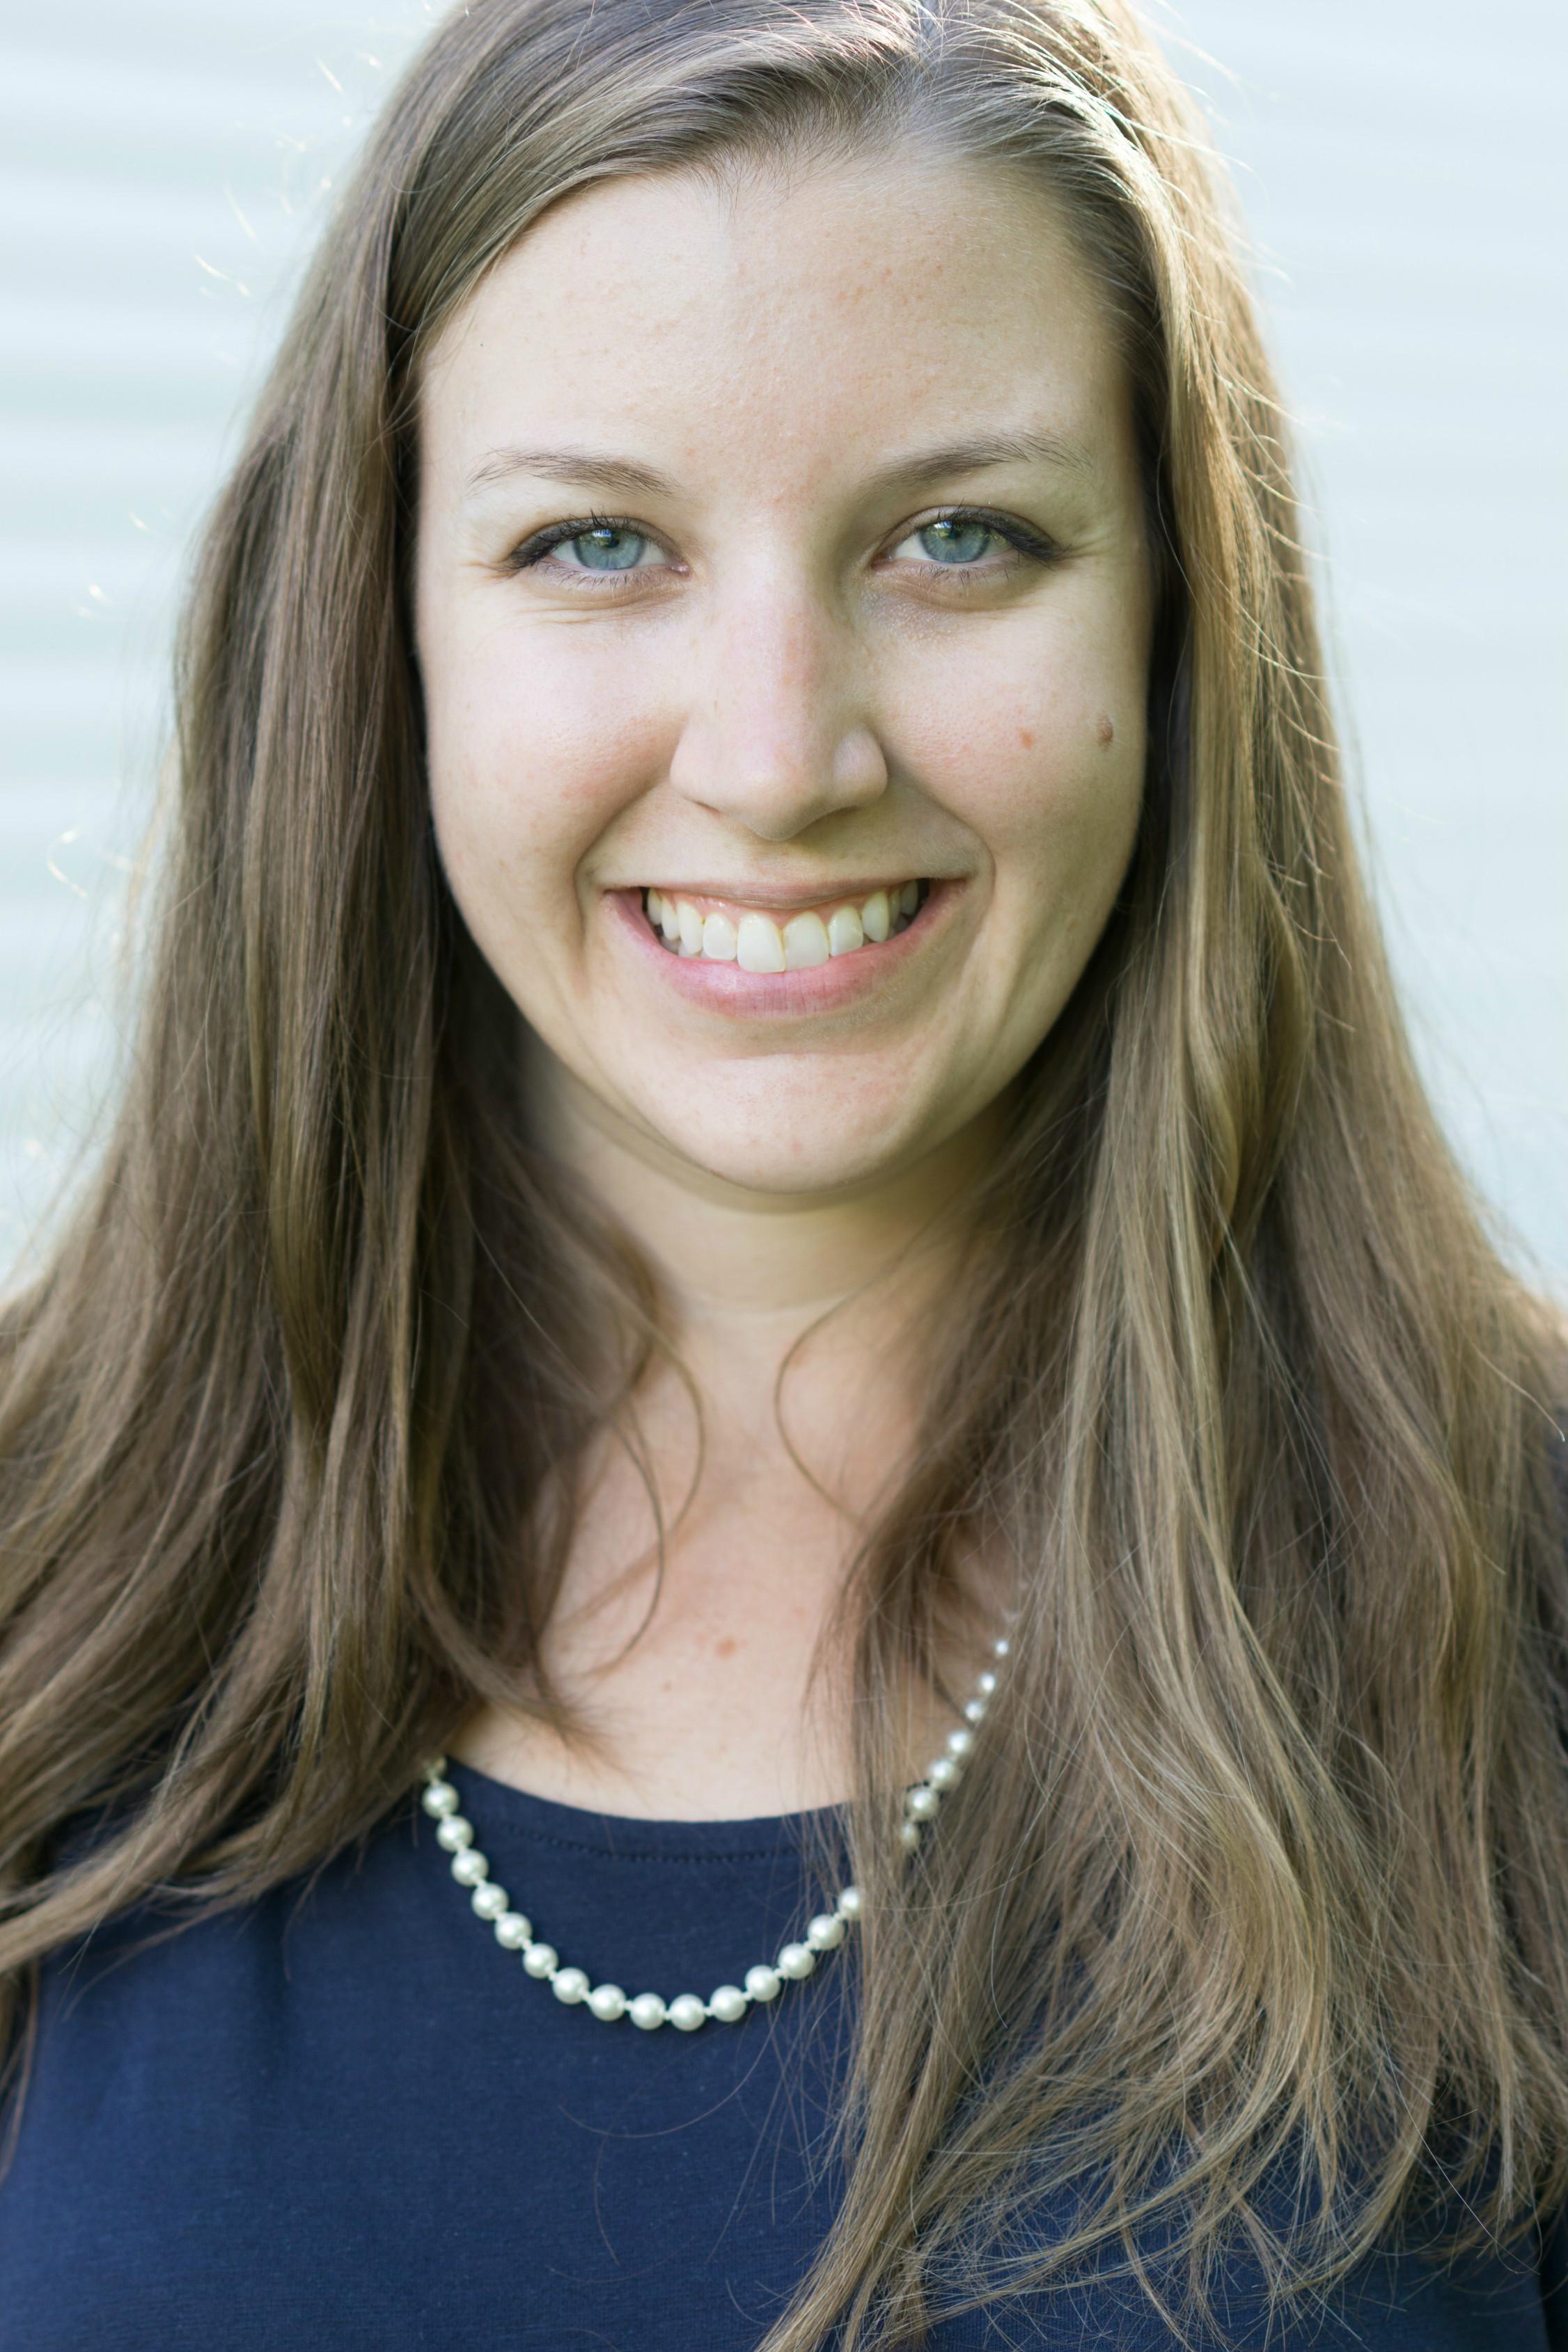 Justine MacLean